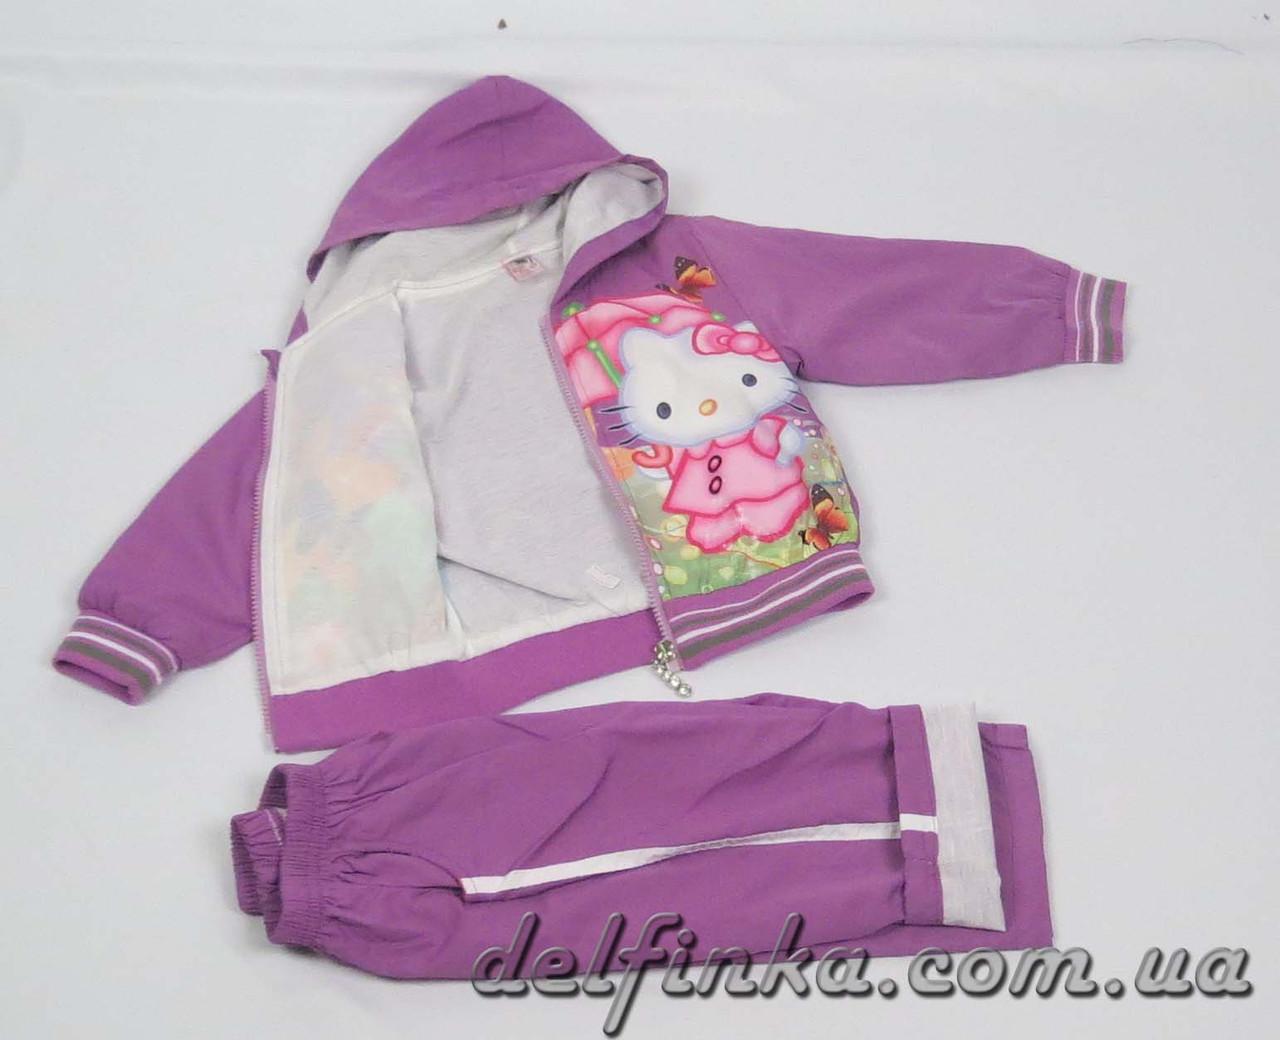 Костюм для девочки с 1 года до 3 лет, цвет: фиолетовый, фото 2